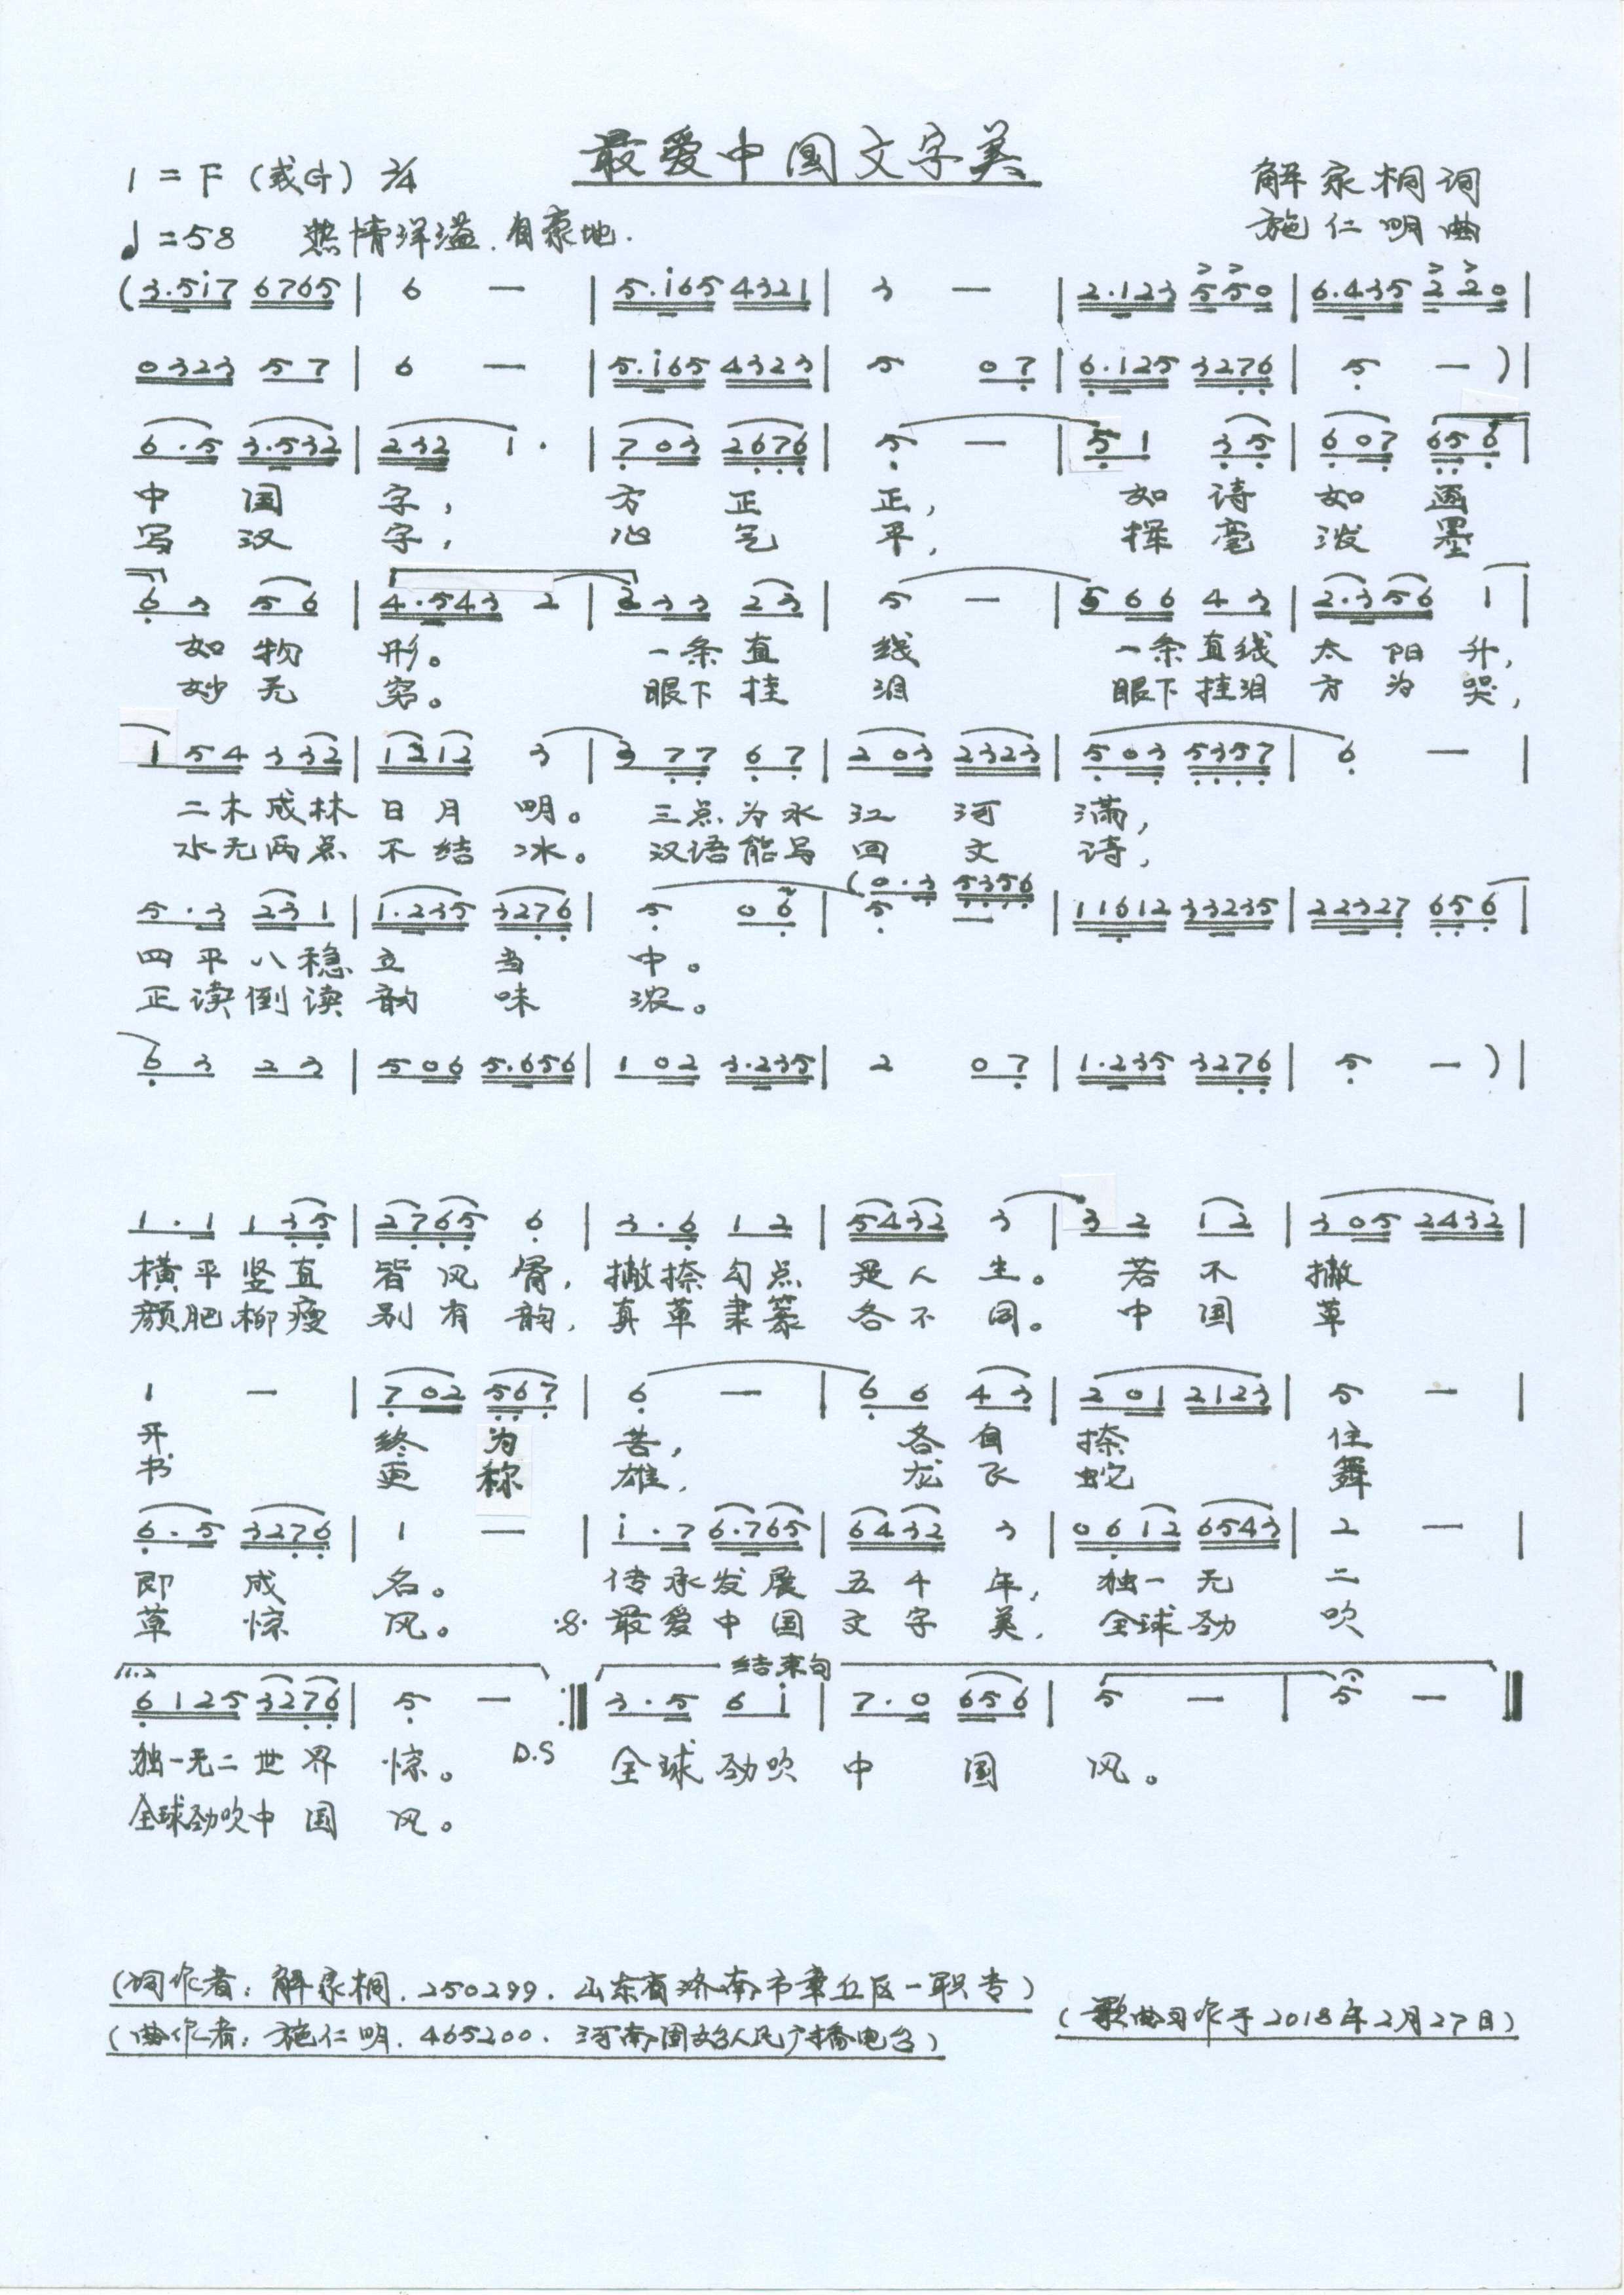 陶笛曲谱12孔歌词